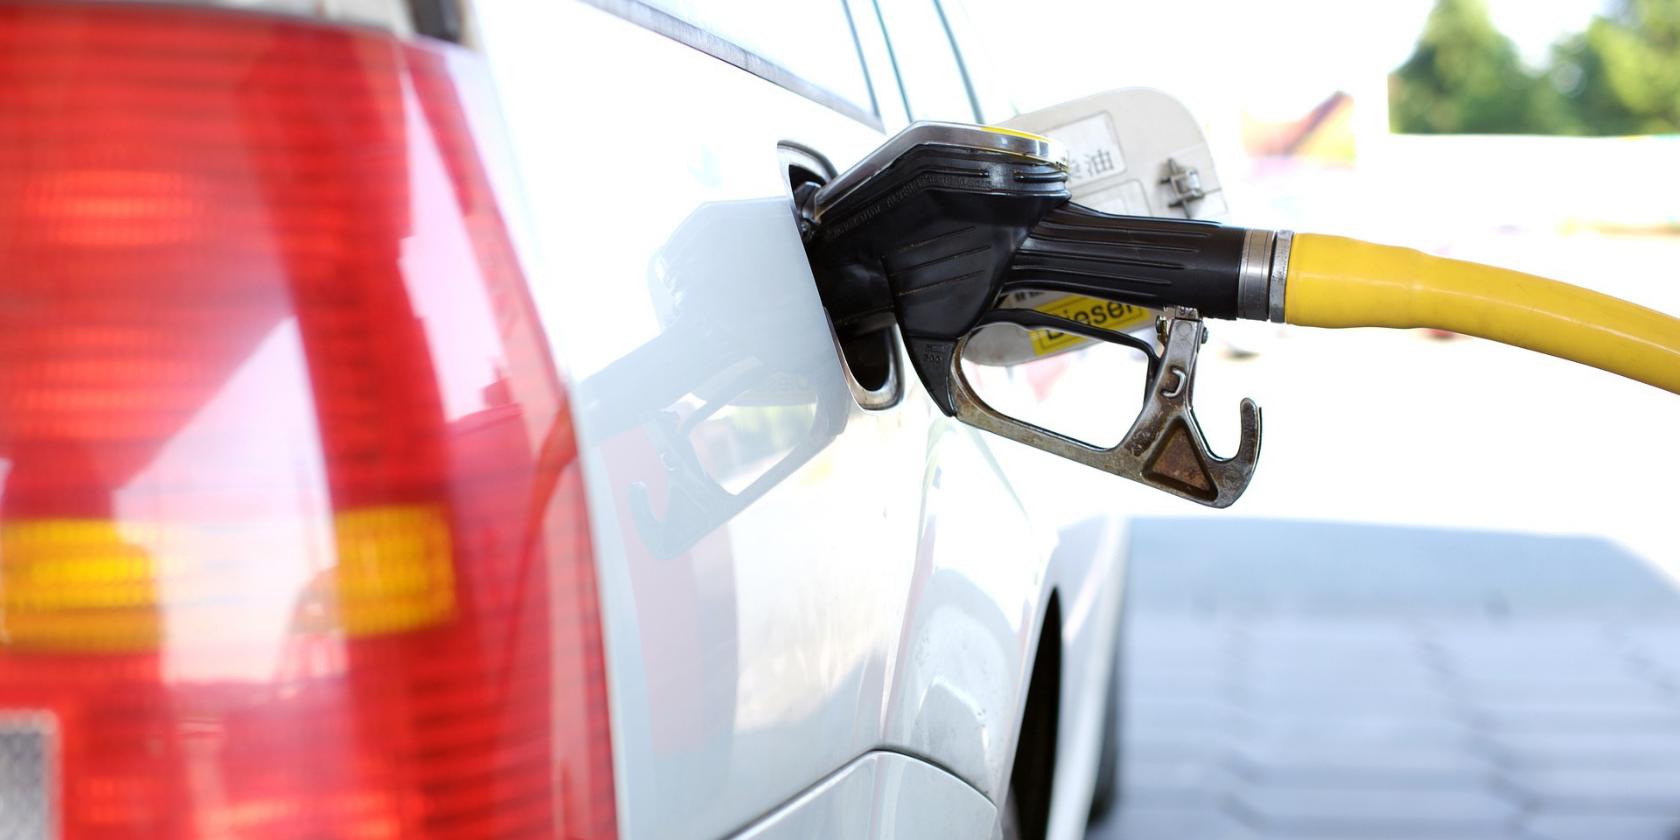 6 بهترین برنامه برای کمک به شما در یافتن گاز ارزان قیمت